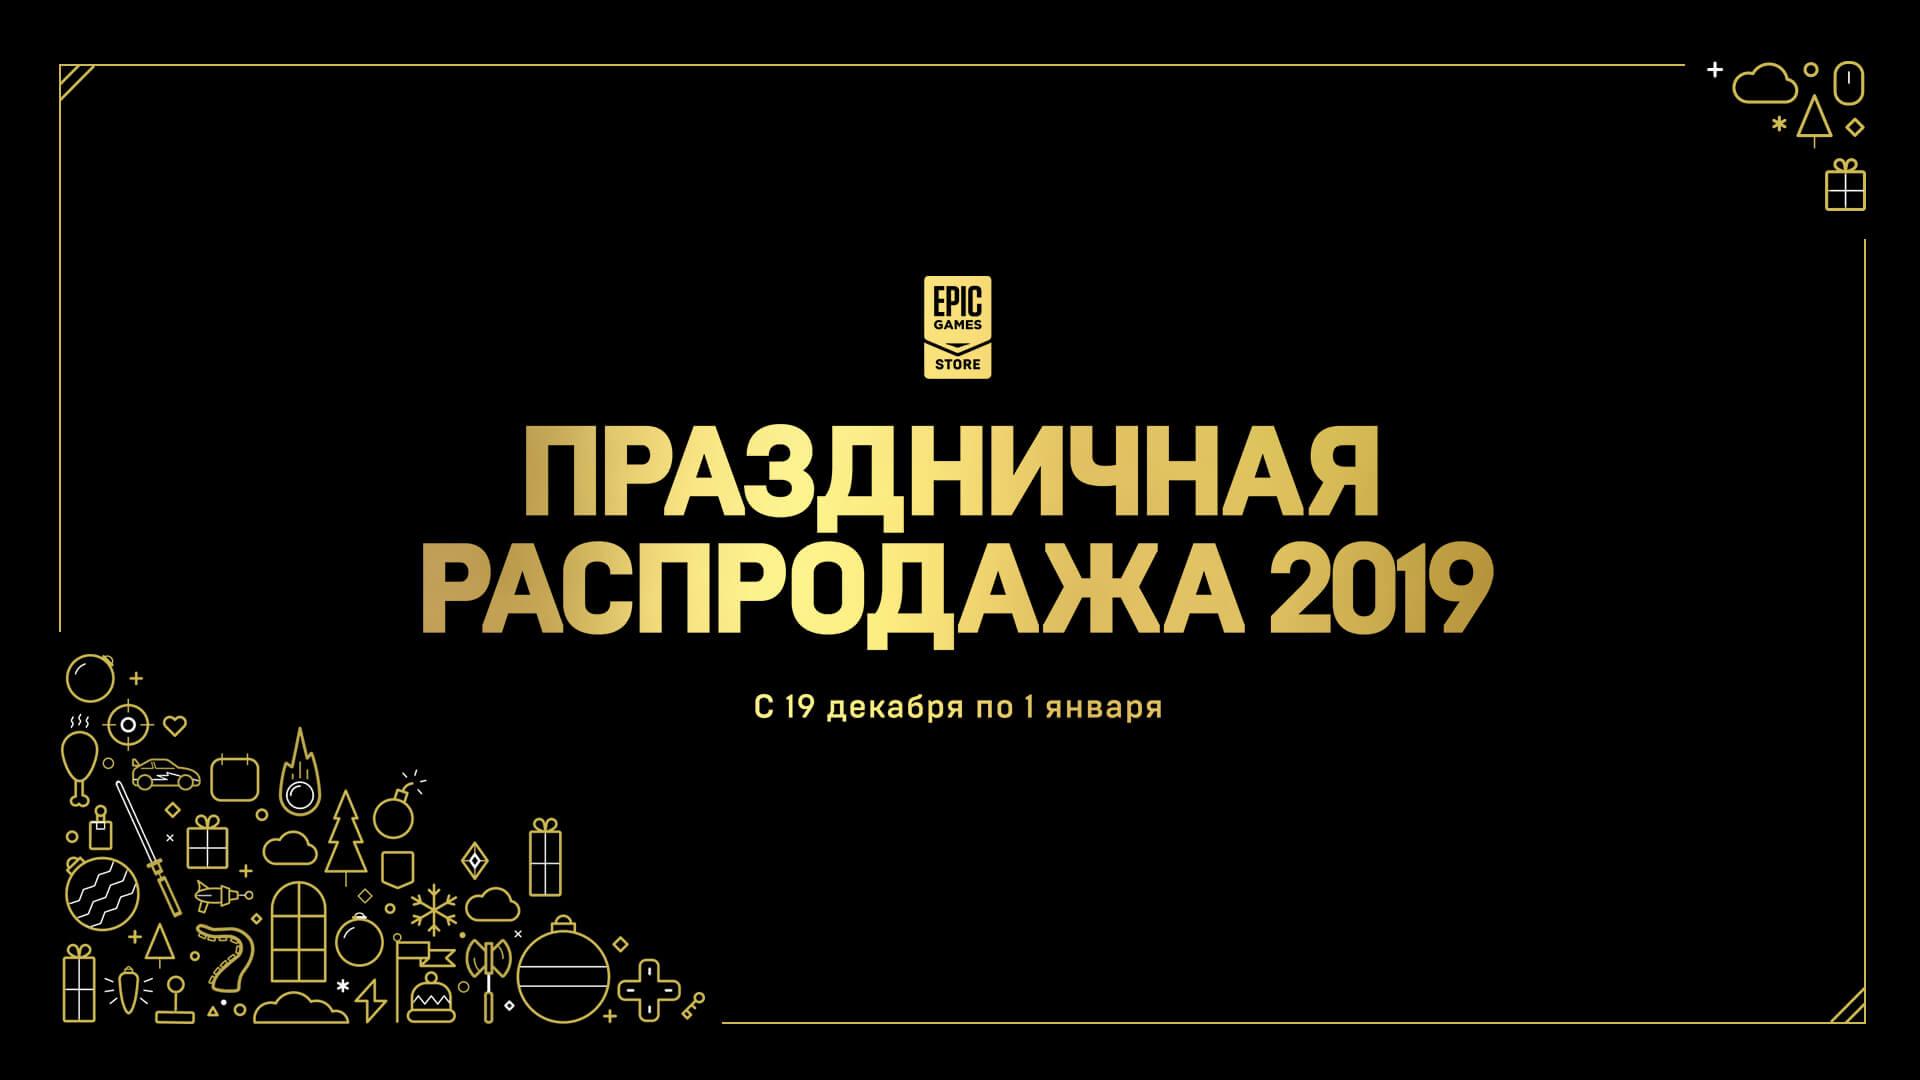 Распродажа 2019 лучший кэшбэк в россии